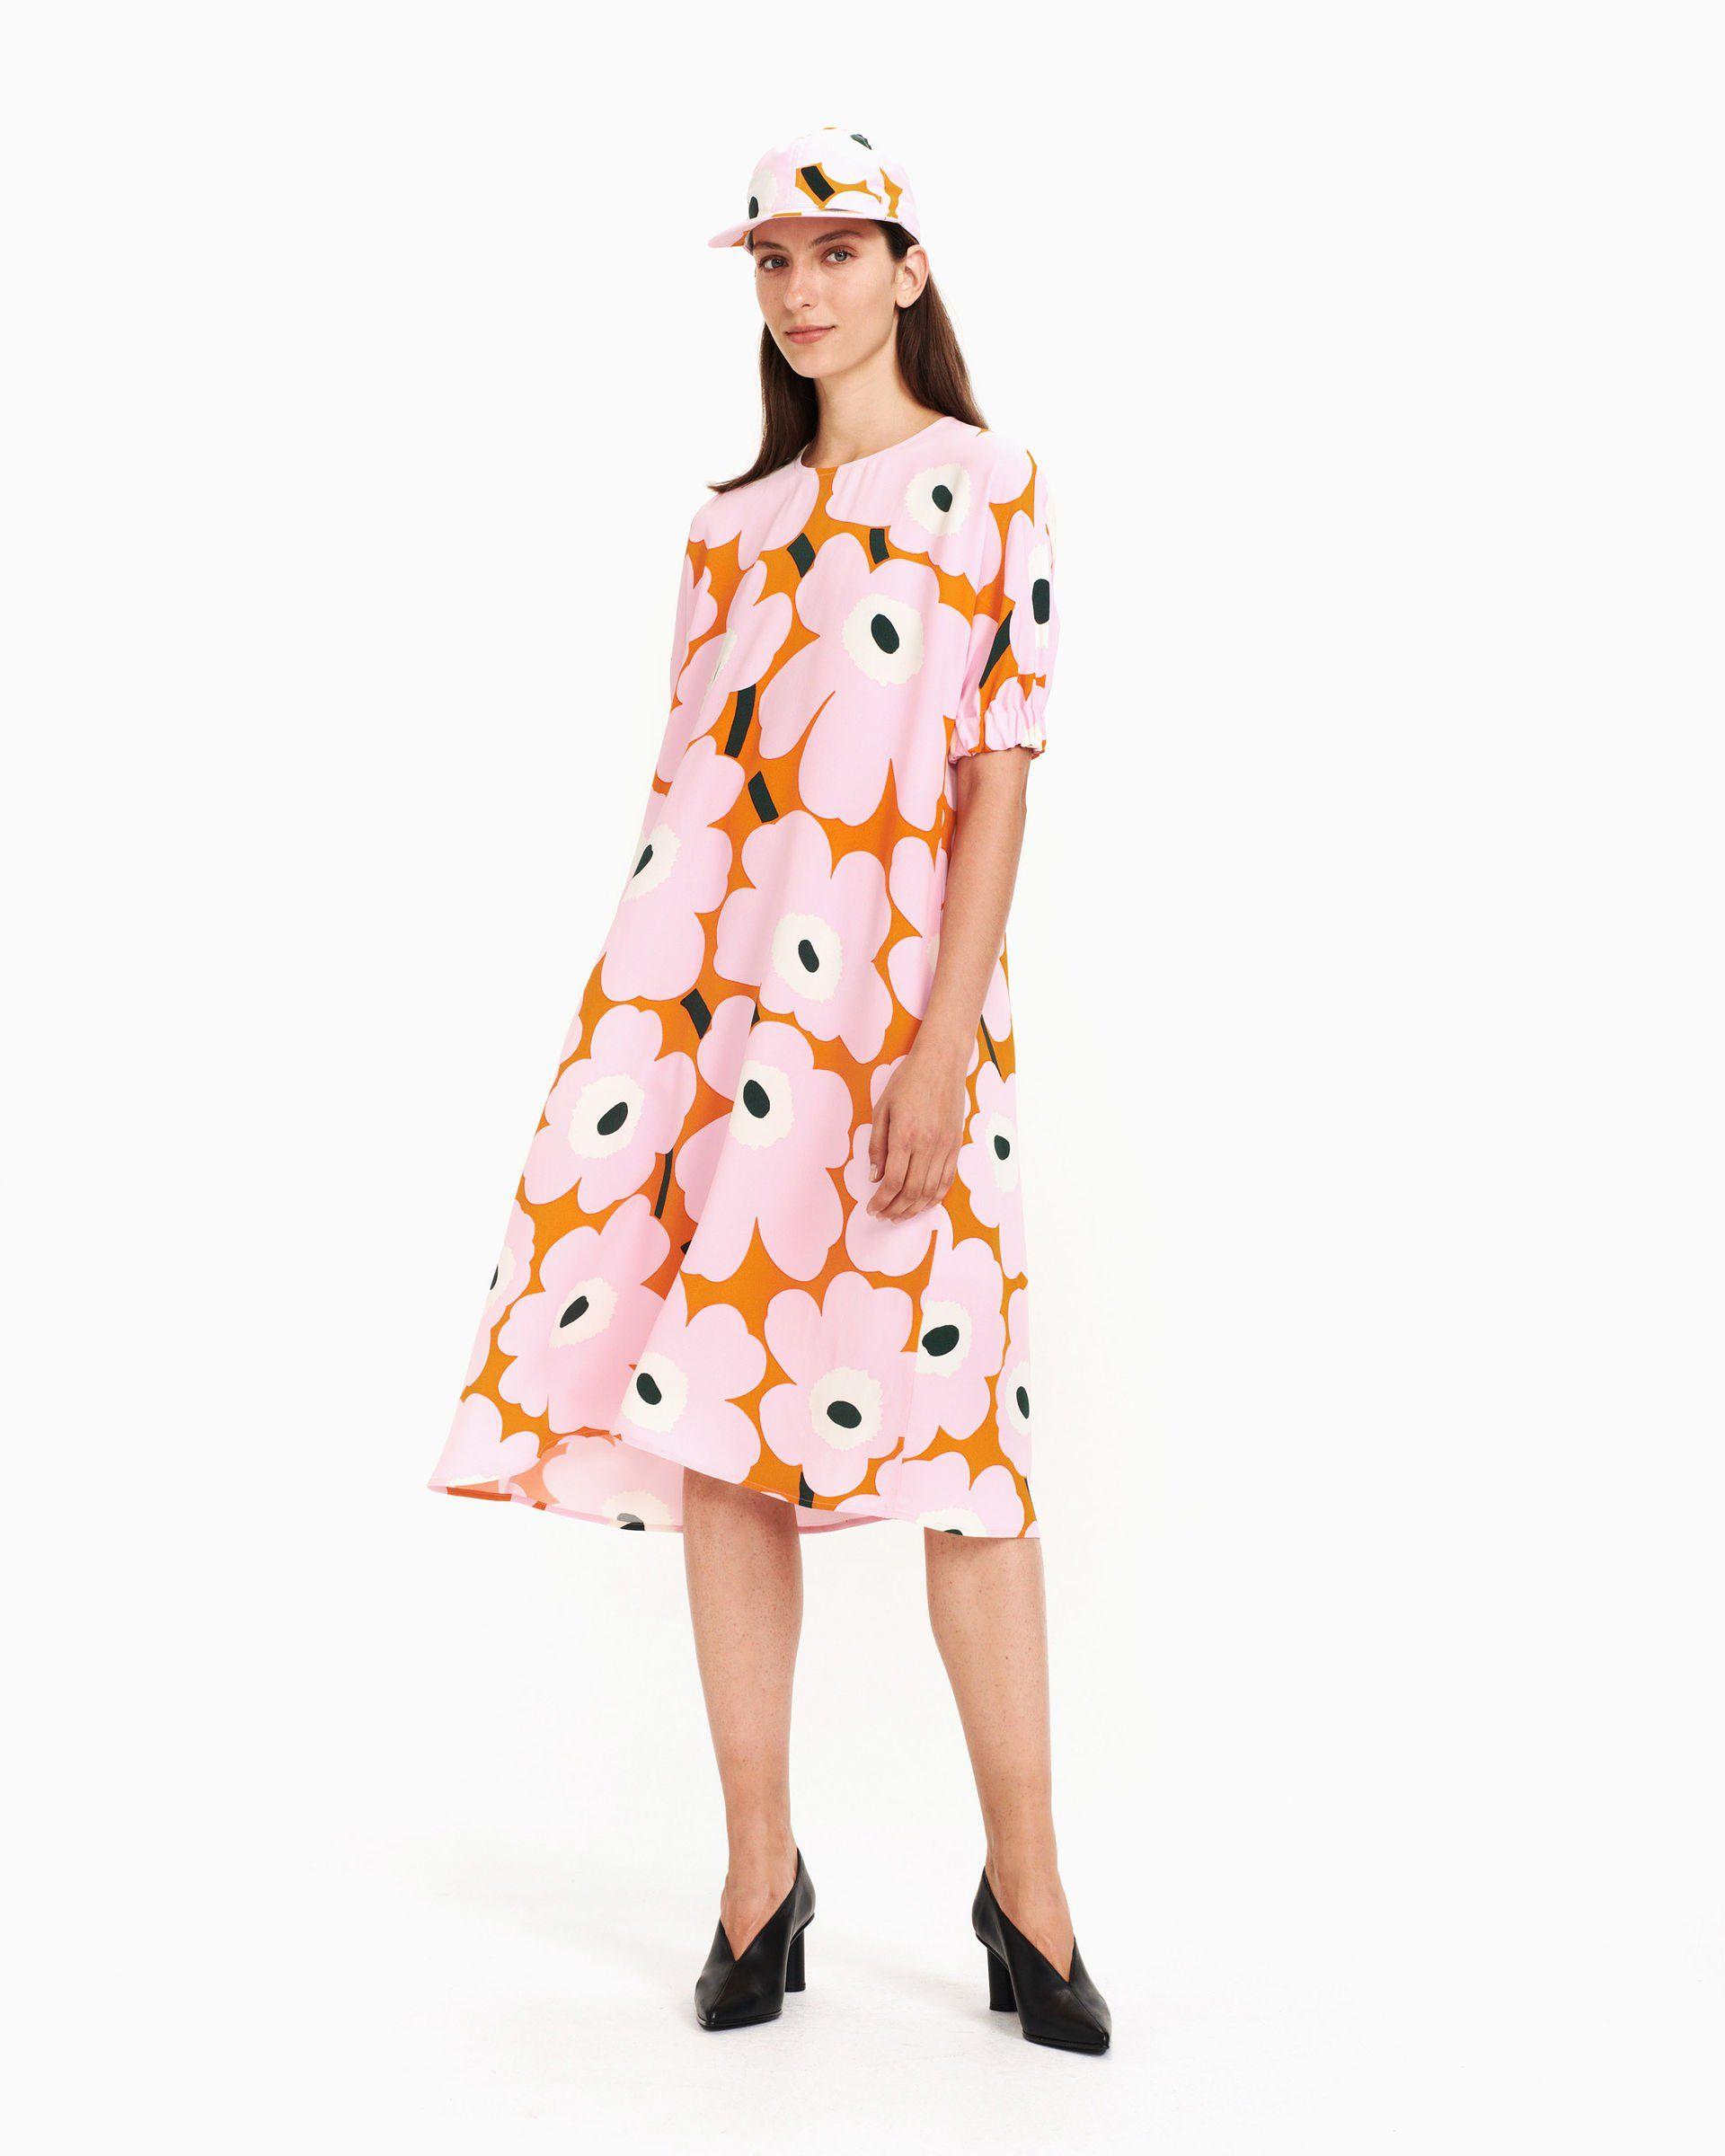 tilata alkuun tuotemerkkejä jaloissa Utelias Unikko -mekko pinkki, oranssi, vihreä | Marimekko ...